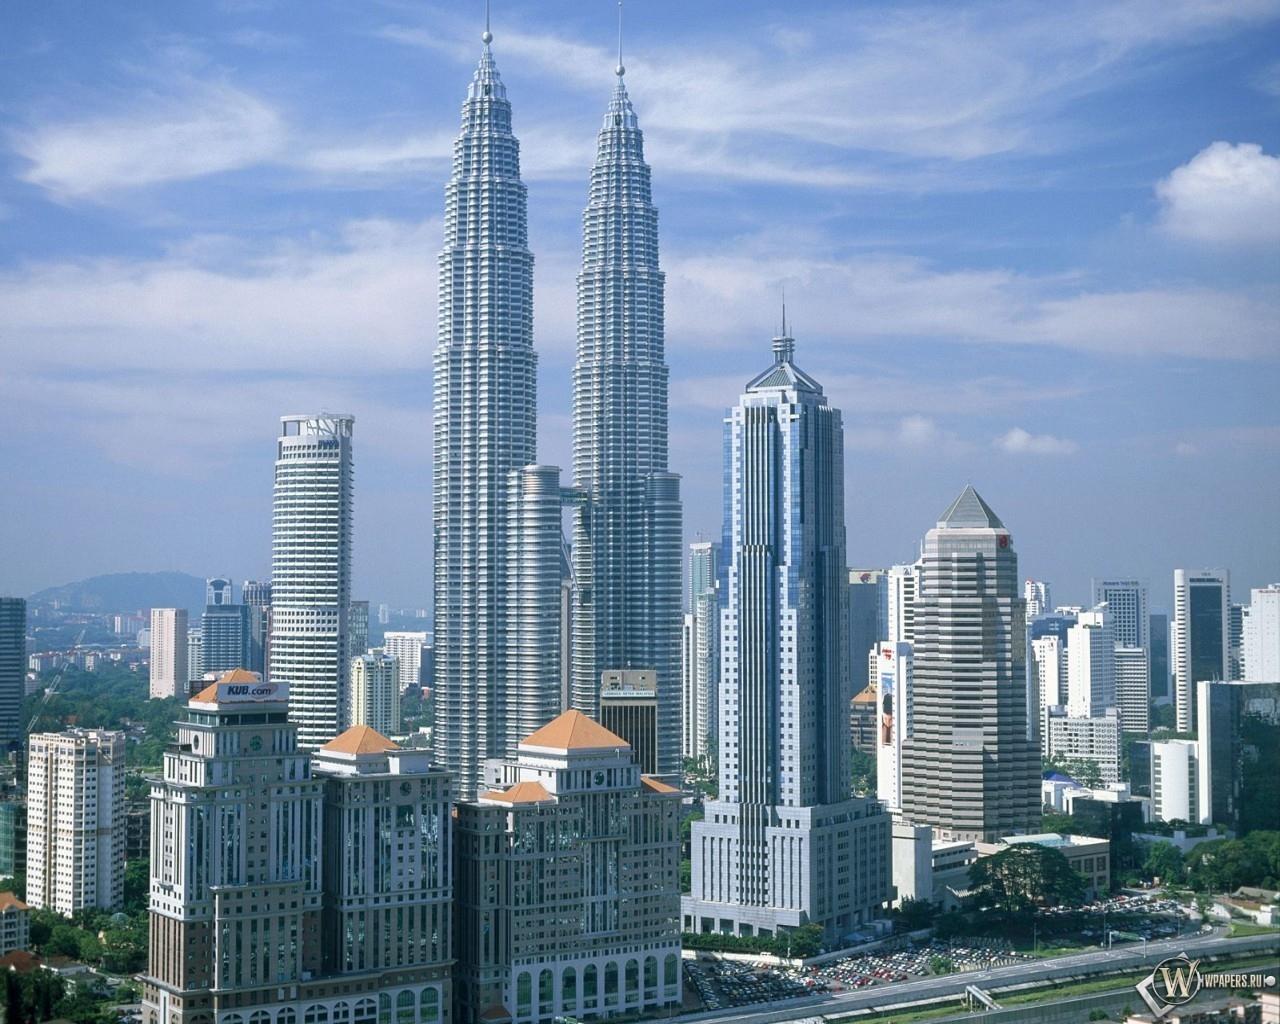 Kuala Lumpur - Malaysia 1280x1024